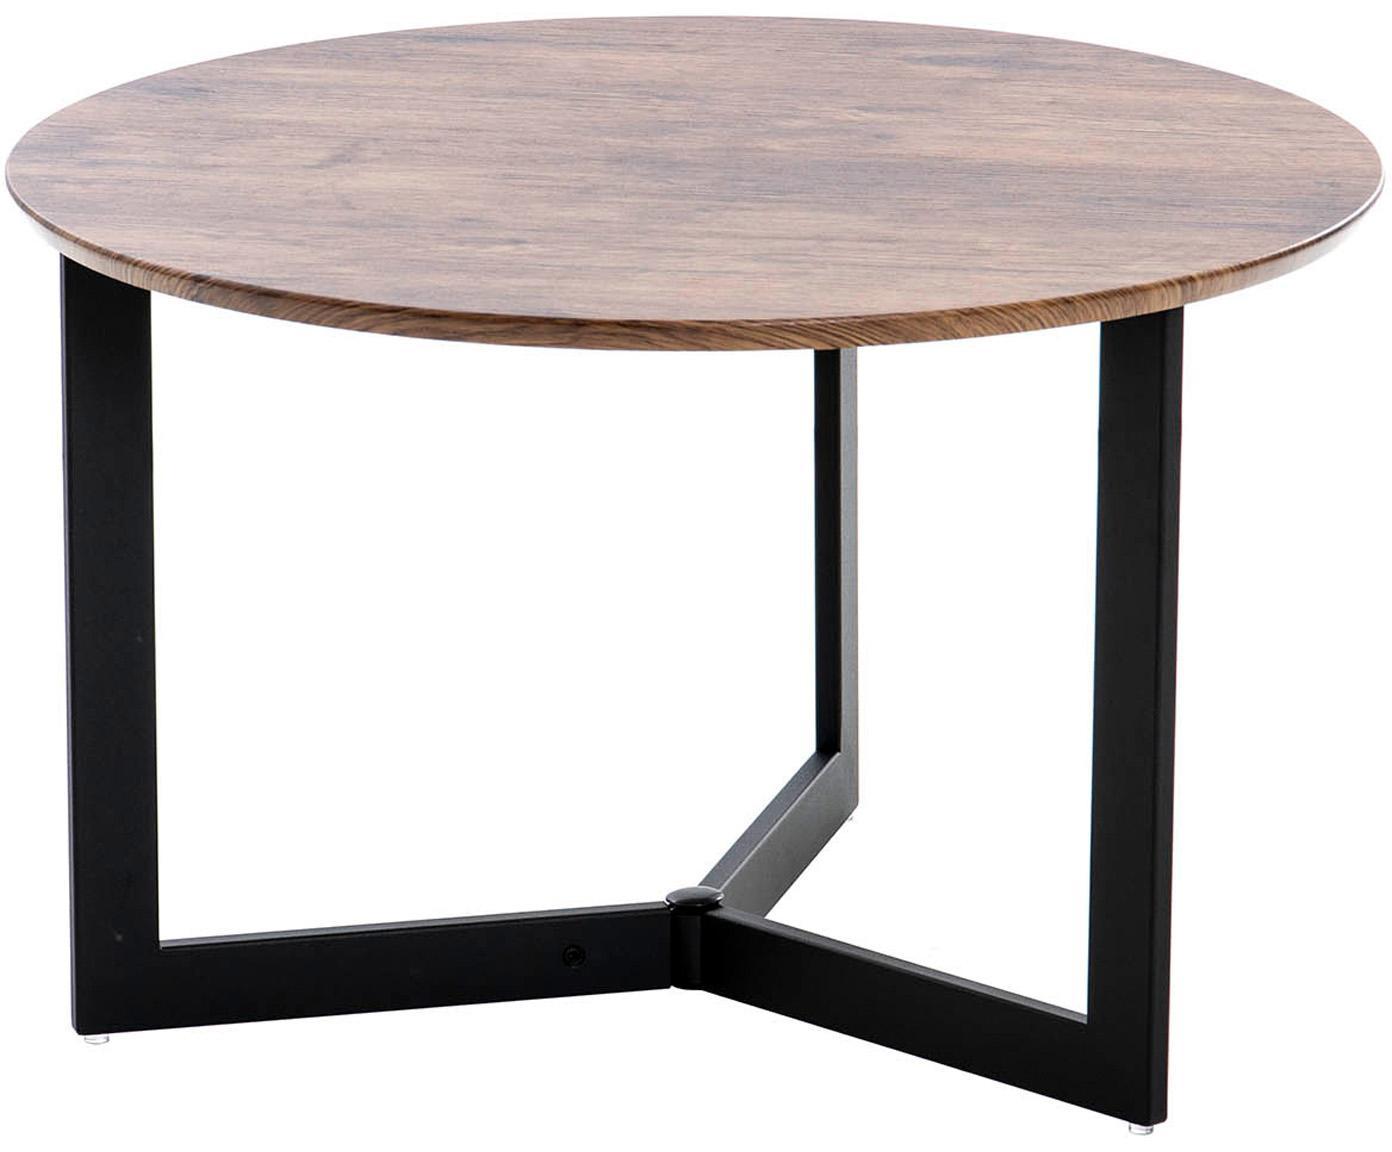 Mesa auxiliar Pati, estilo vintage, Patas: acero inoxidable, Tablero: madera, Marrón, negro, Ø 60 x Al 38 cm